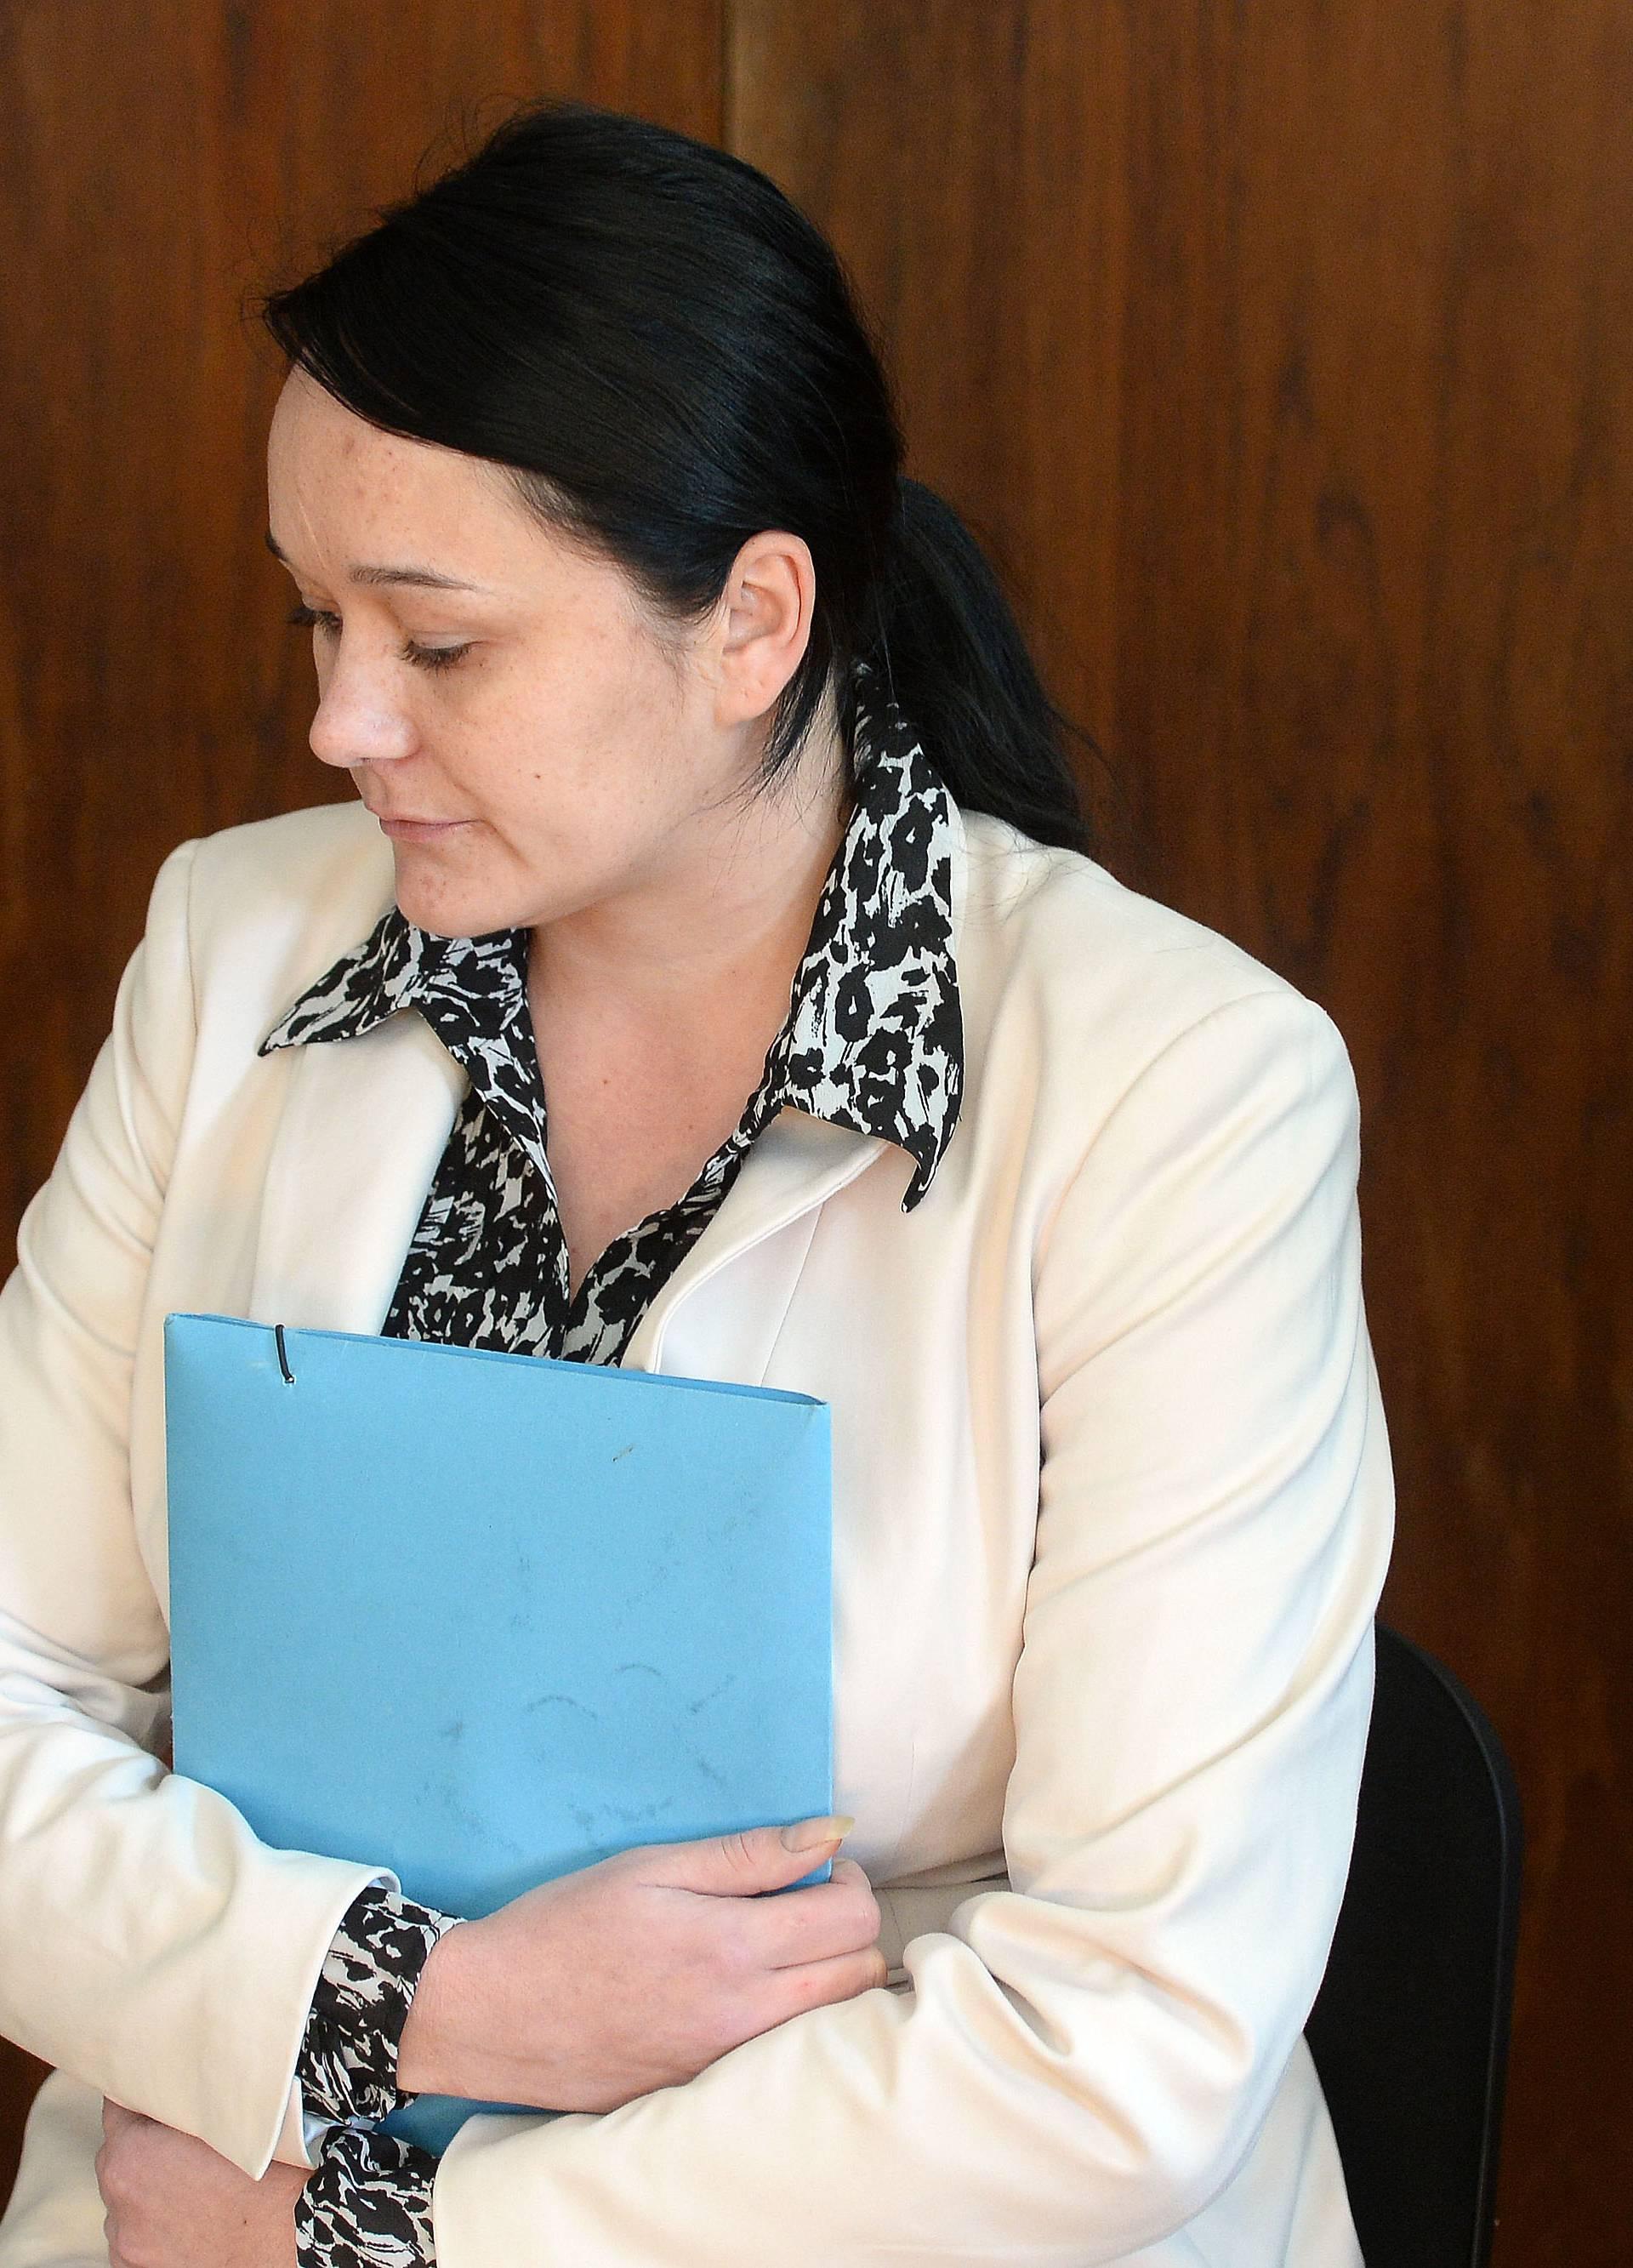 Varaždin: Nastavak suđenja Kseniji Topolovćan osumnjičenoj za ubojstvo supruga